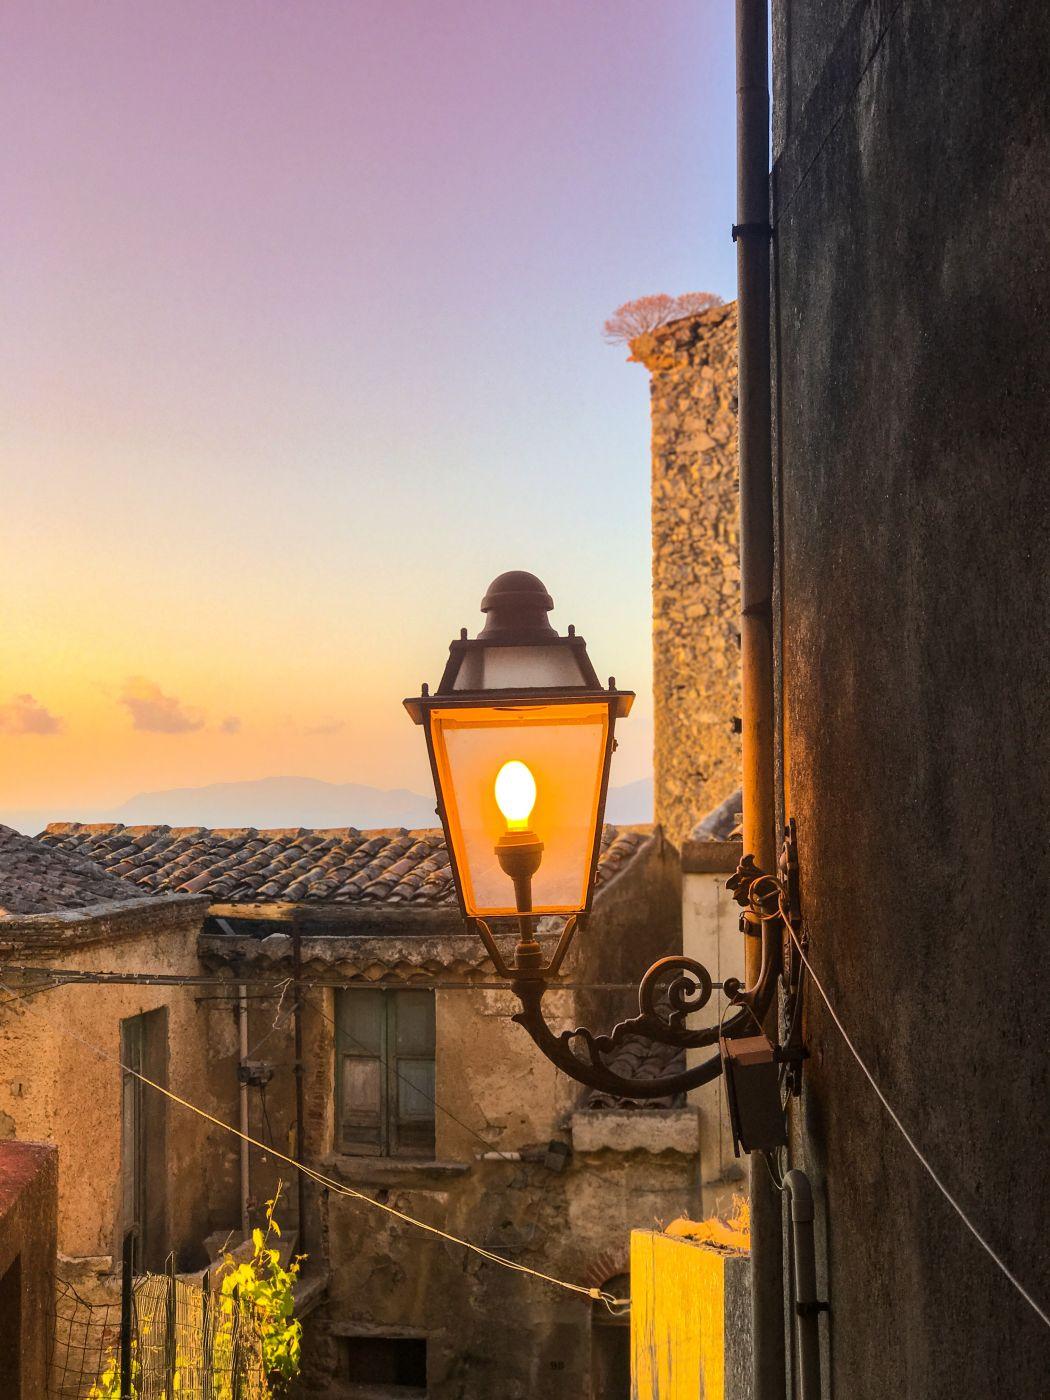 Piraino, Italy